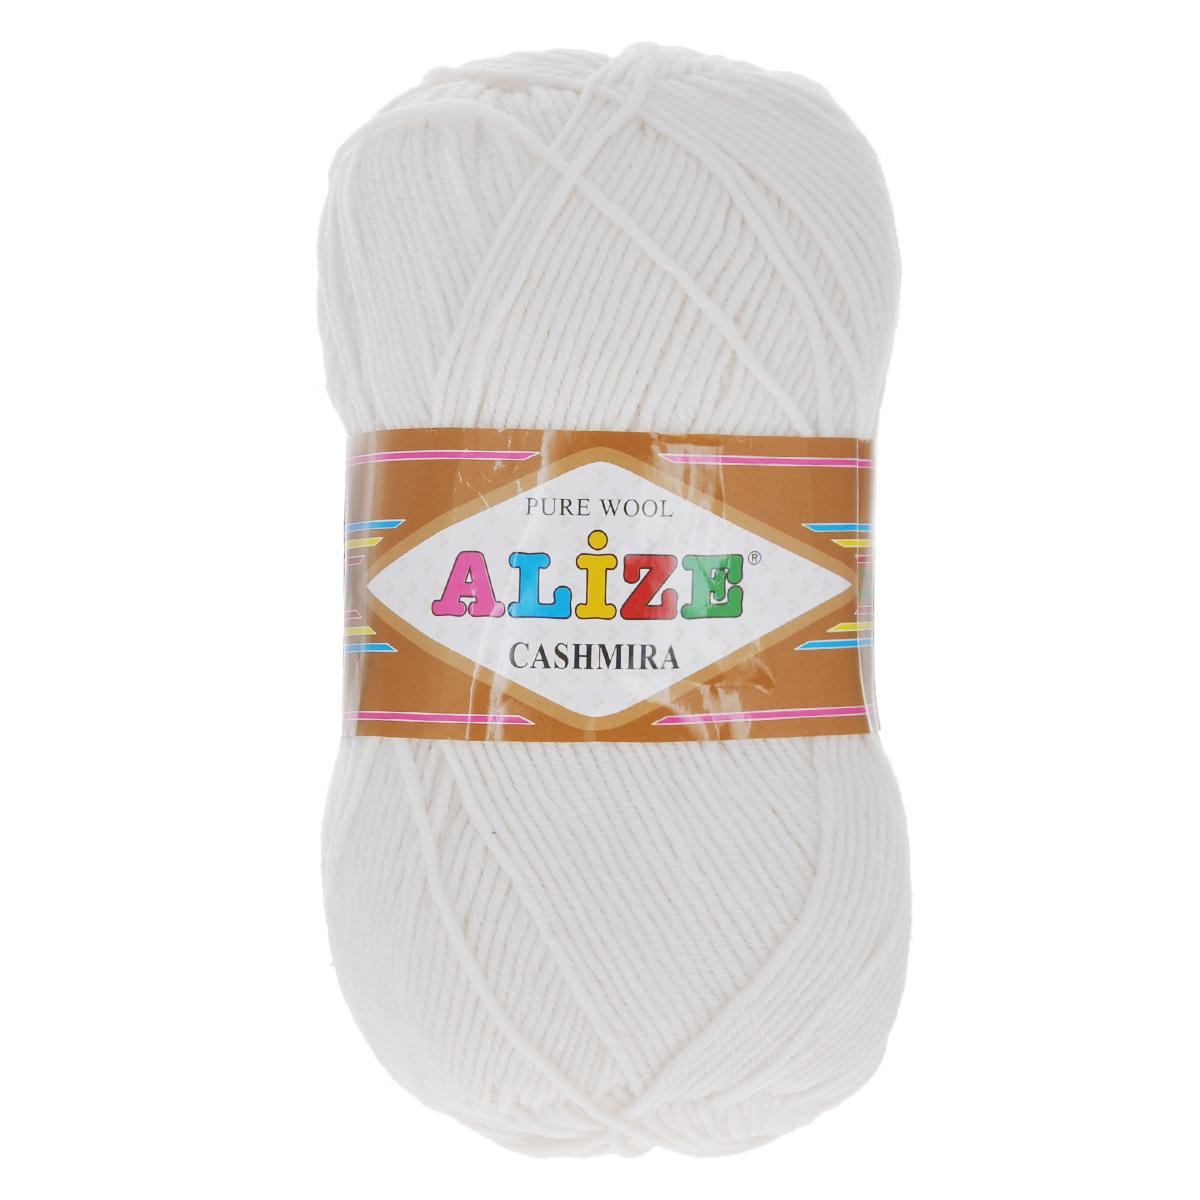 Пряжа для вязания Alize Cashmira, цвет: белый (55), 300 м, 100 г, 5 шт364009_55Пряжа для вязания Alize Cashmira изготовлена из 100% шерсти. Пряжа упругая, эластичная, тёплая, уютная и не колется, что очень подходит для детей. Тоненькая нитка прекрасно подойдет для вязки демисезонных вещей. Пряжа легко распускается и перевязывается несколько раз, не деформируясь и не влияя на вид изделия. Натуральная шерстяная нить, обеспечивает изделию прекрасную форму. Рекомендуется ручная стирка при температуре 30 °C. Рекомендованные спицы № 3-5, крючок № 2-4.